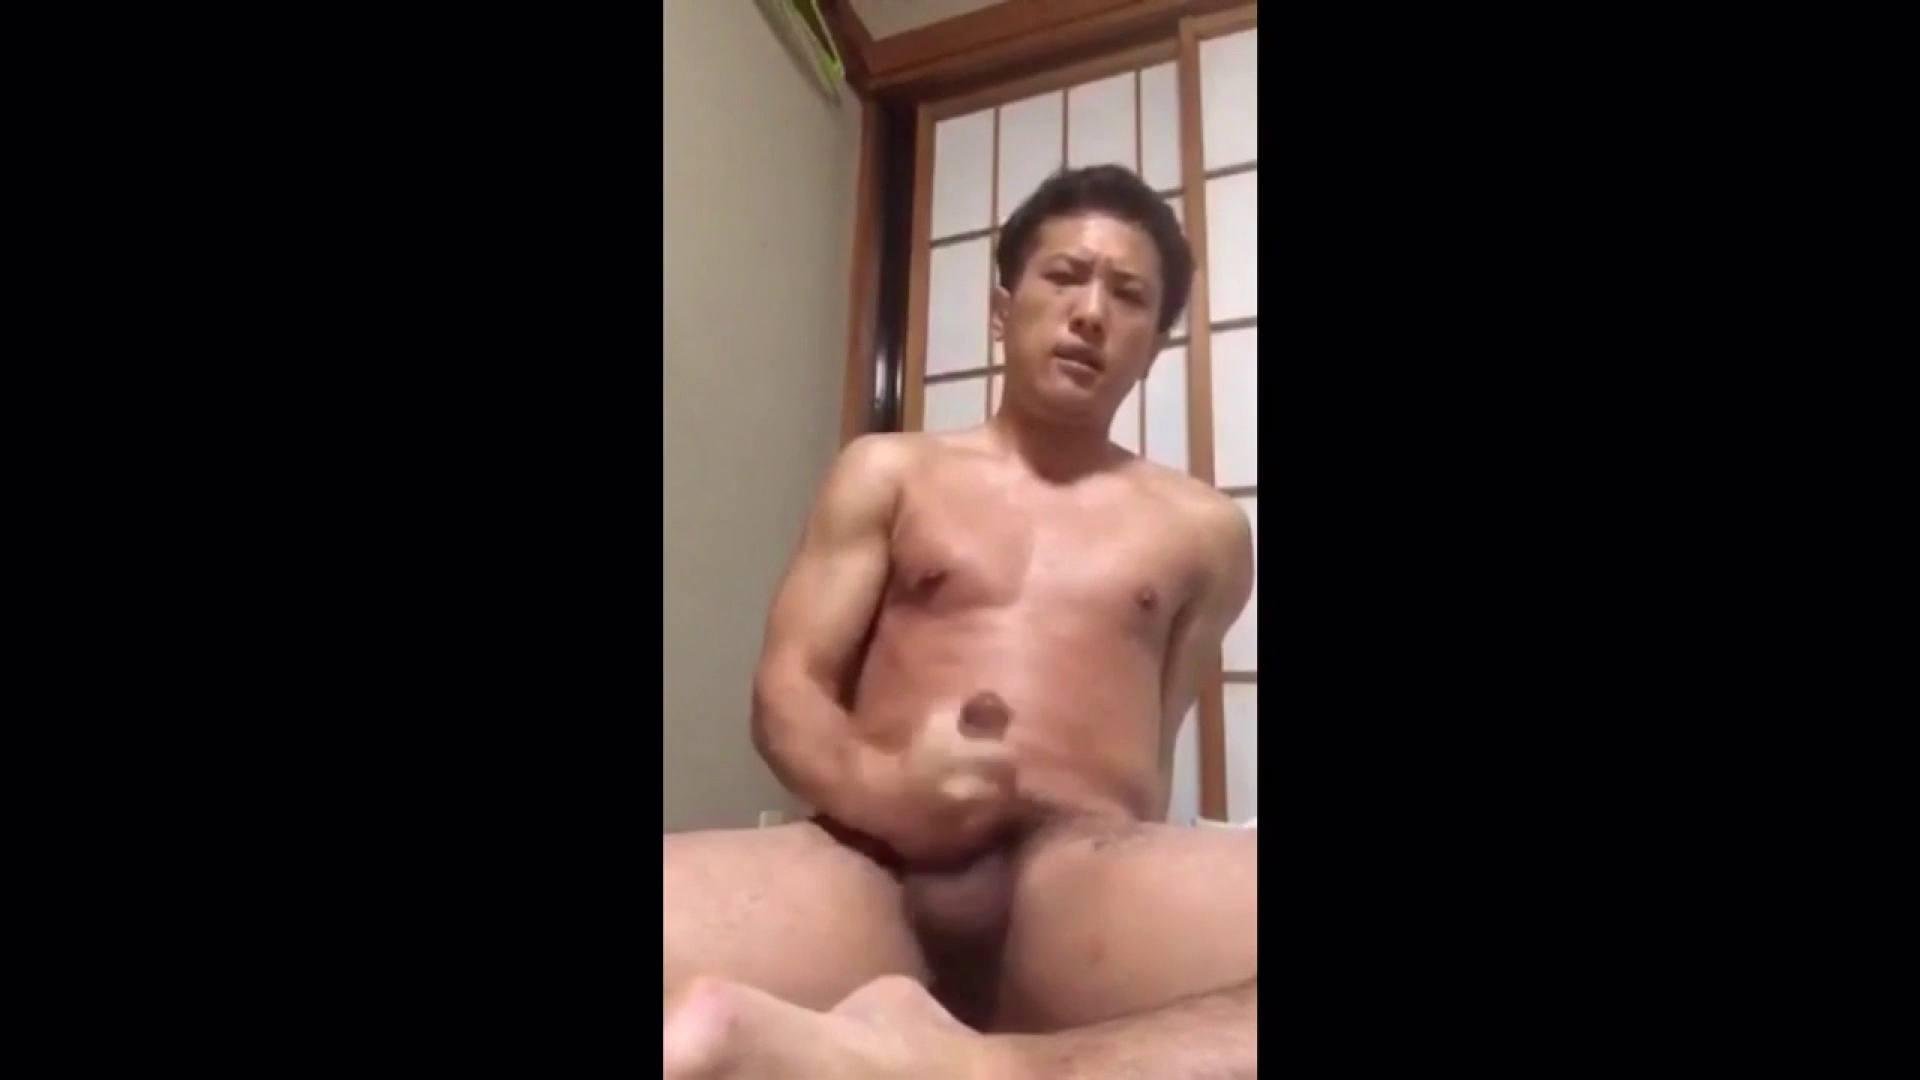 個人撮影 自慰の極意 Vol.25 ゲイのオナニー映像   イケメンたち  75枚 61